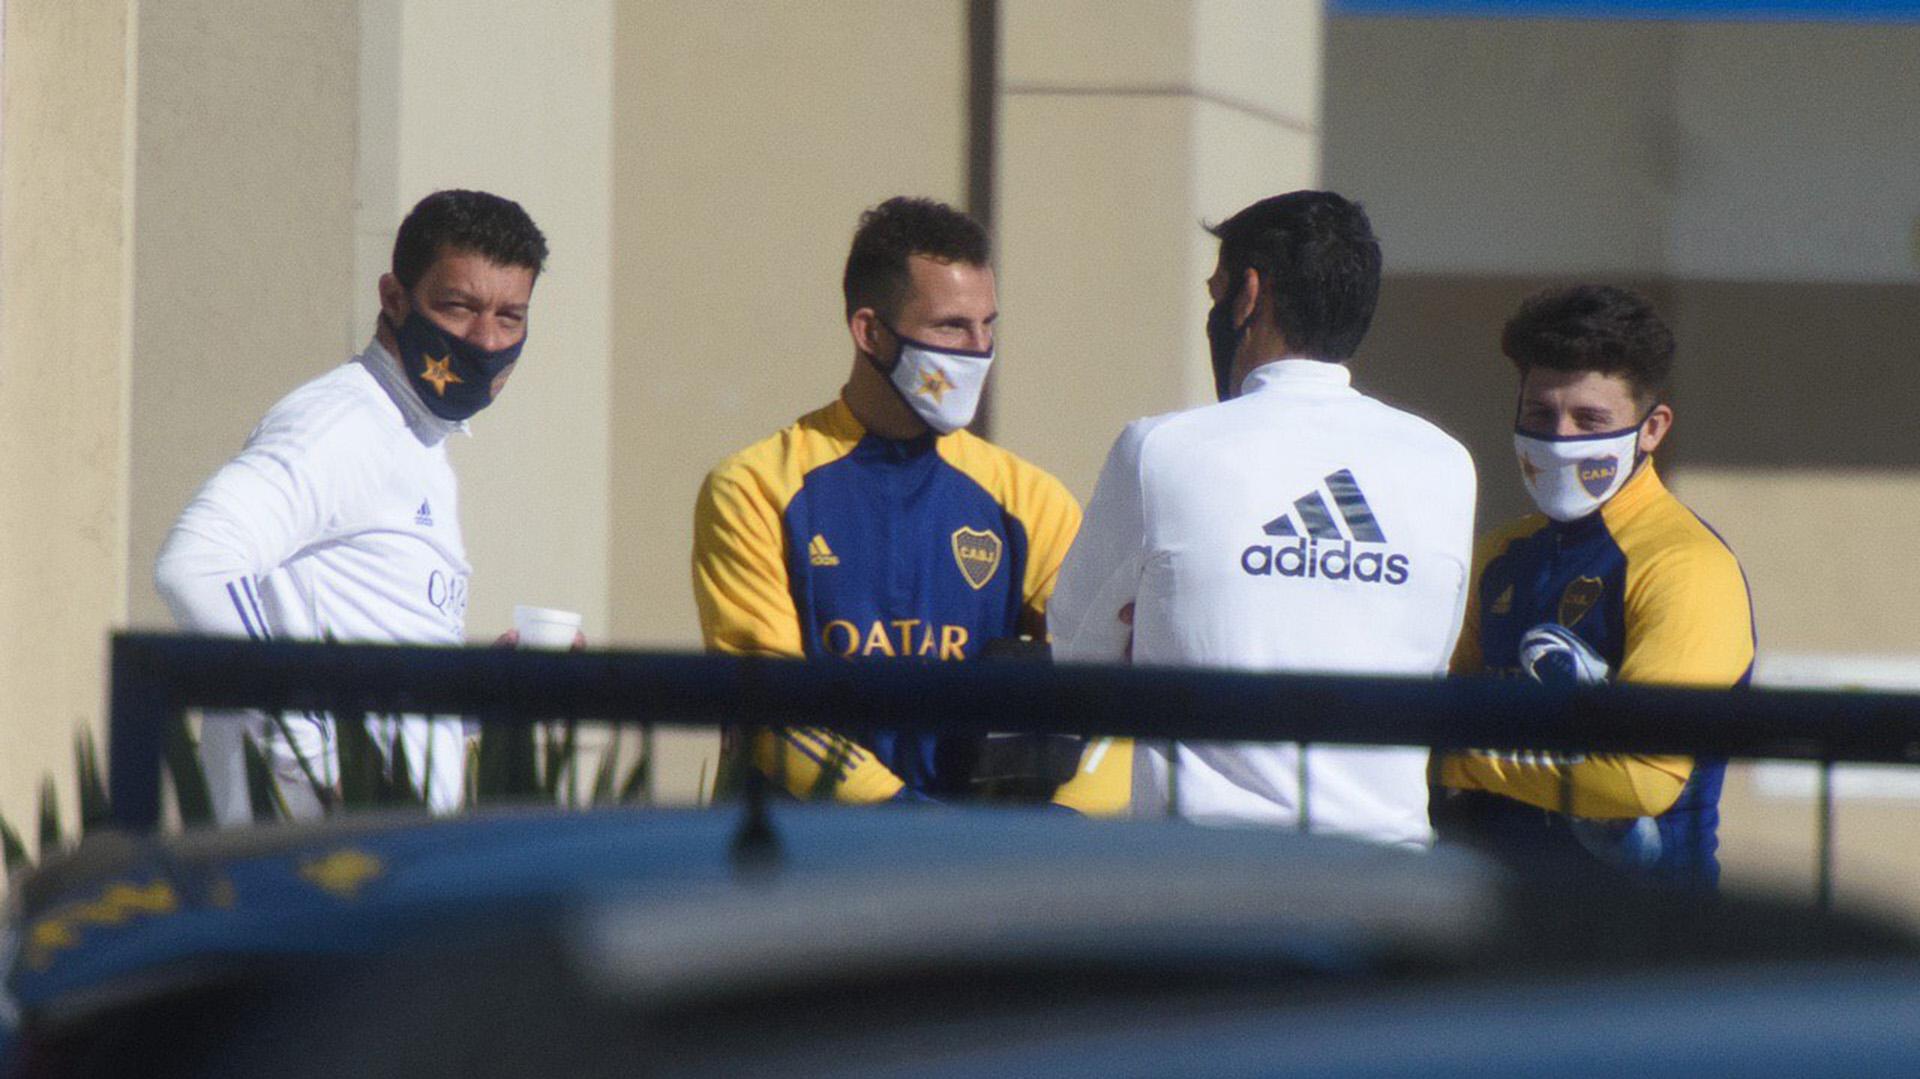 Todos los jugadores fueron acompañados en los campos de juego junto a un integrante del cuerpo técnico y un médico del club